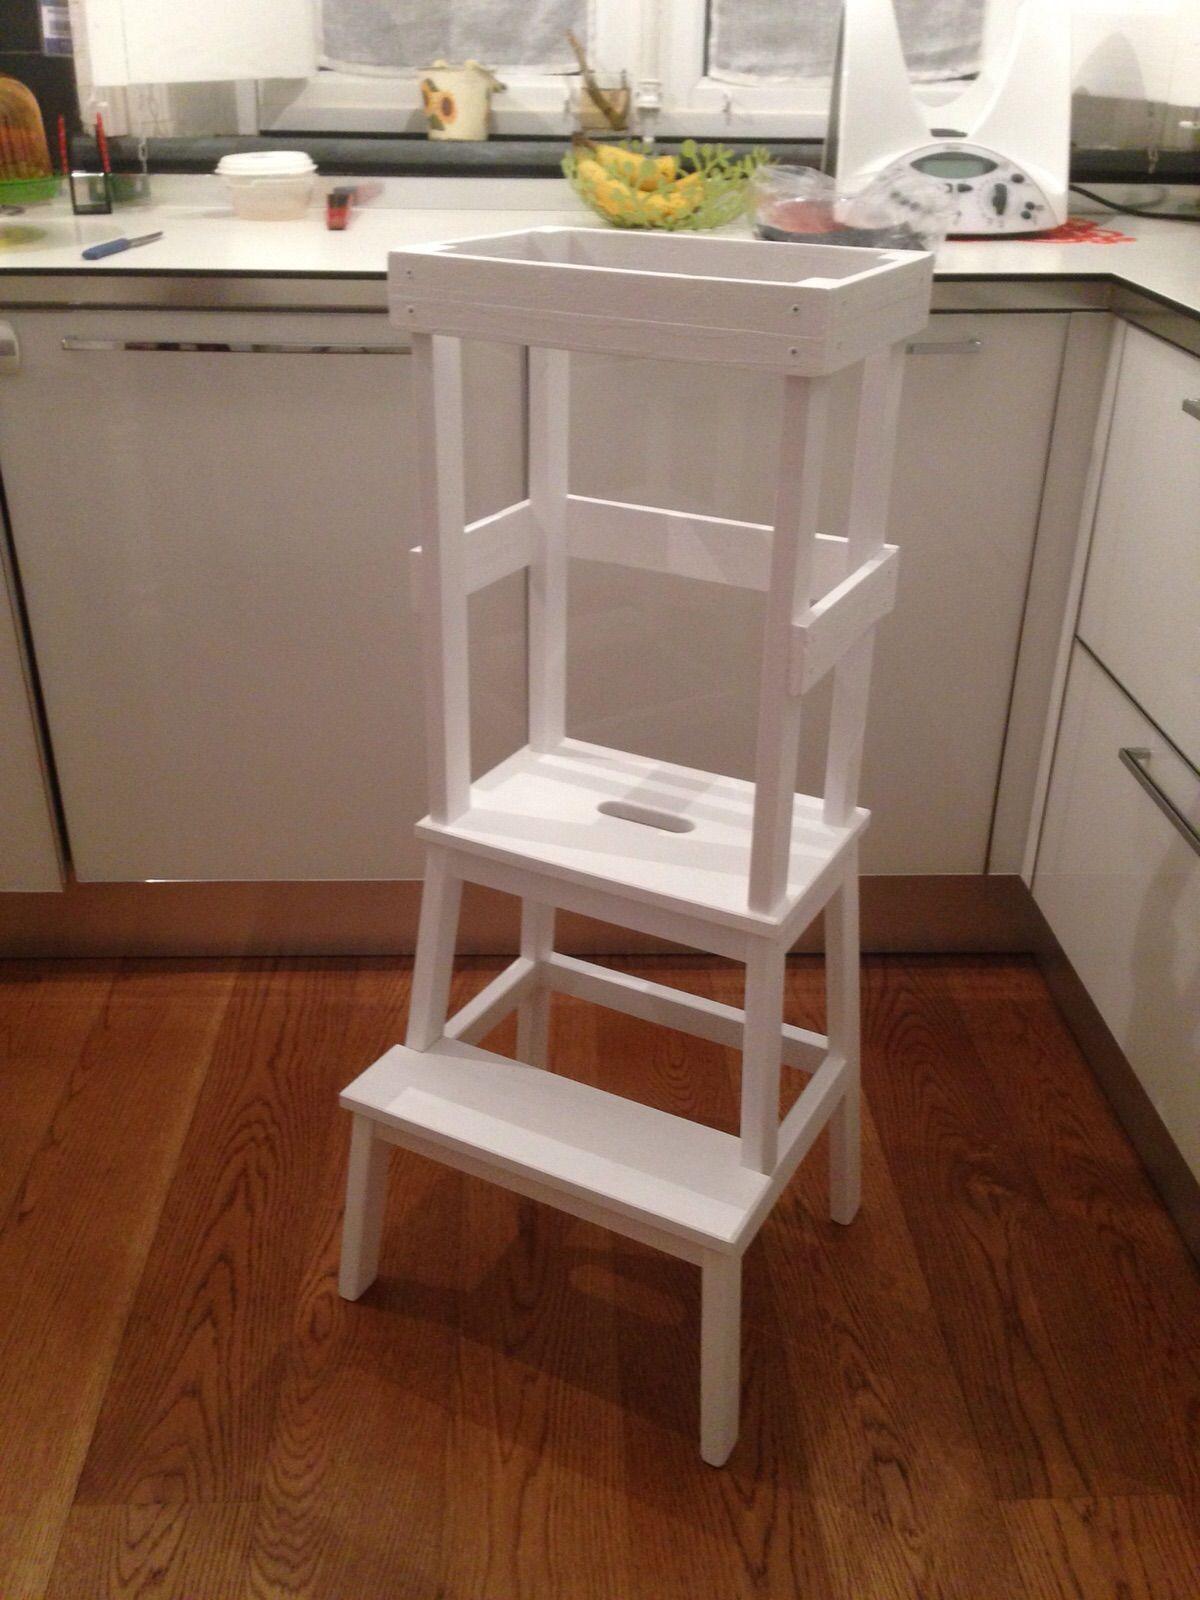 Learning Tower Torre d apprendimento per bambini realizzata in legno modificando uno sgabello Ikea